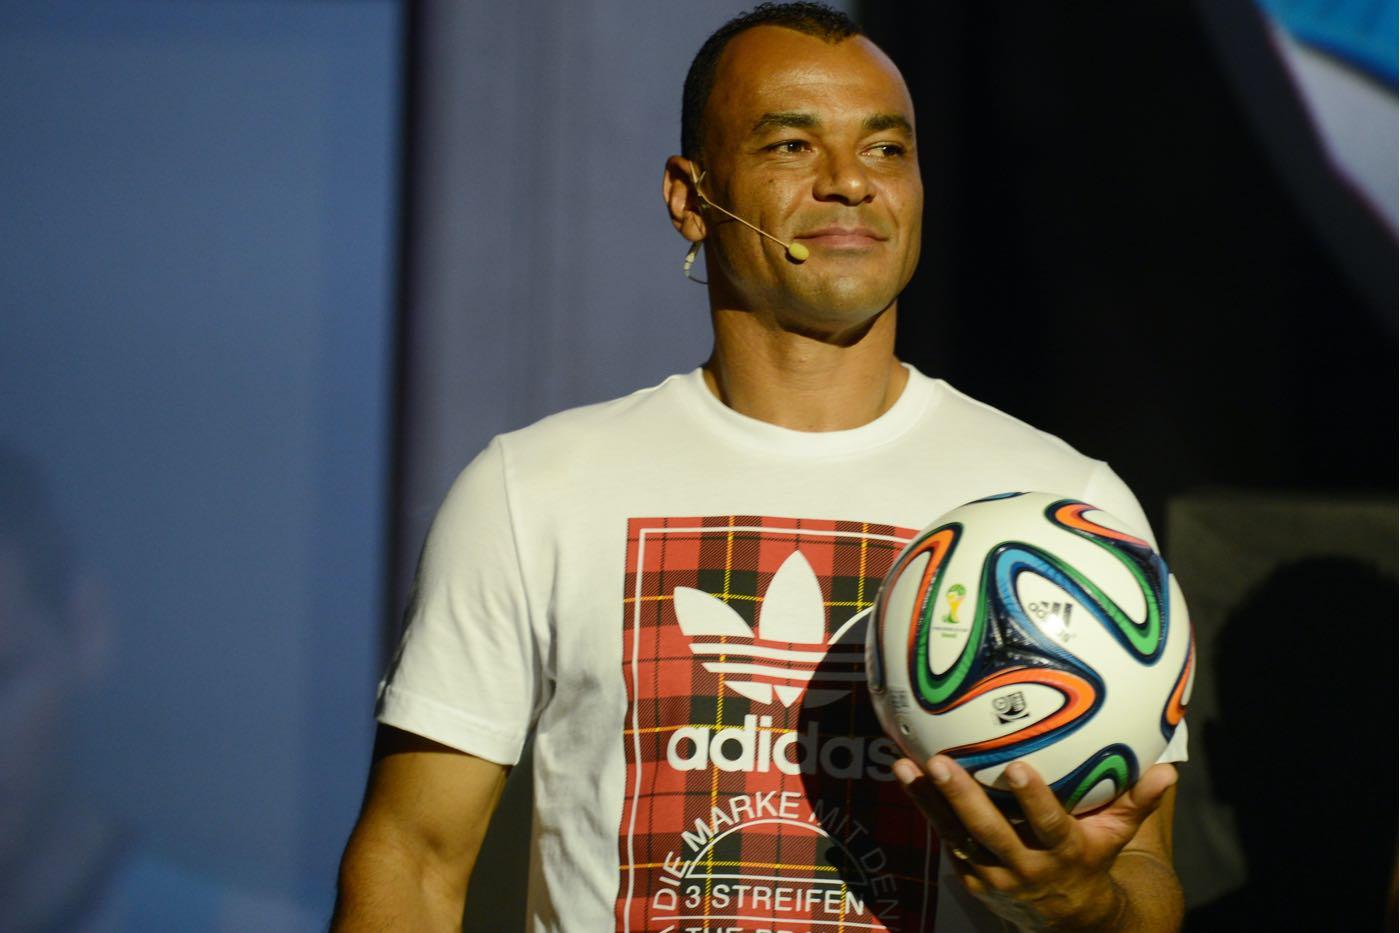 La casa de apuestas deportivas Rivalo contrata a Cafú como embajador.